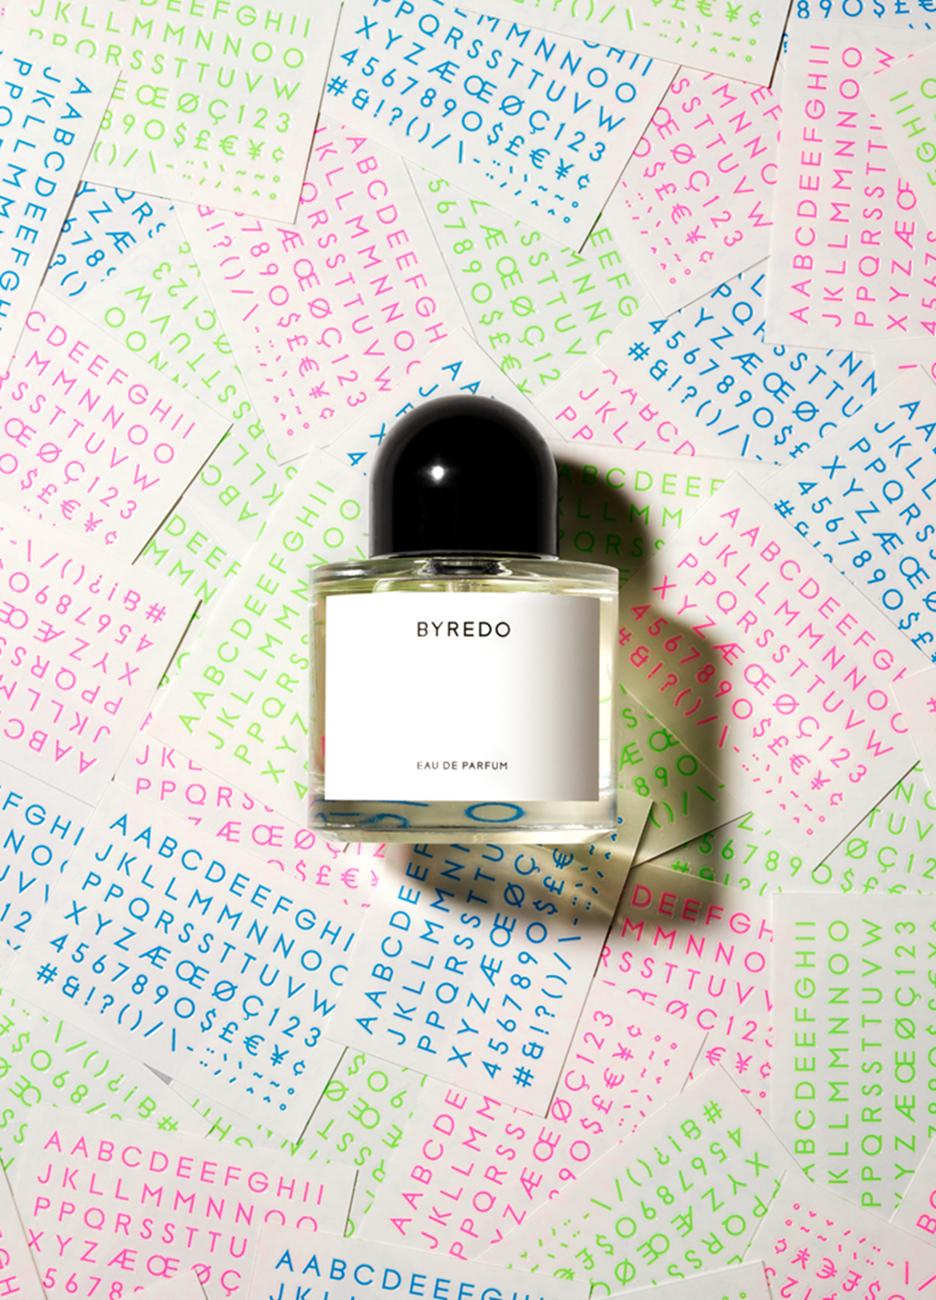 Το συλλεκτικό άρωμα Byredo είναι αυτό που θα ζητήσουμε για τον Άγιο Βαλεντίνο!